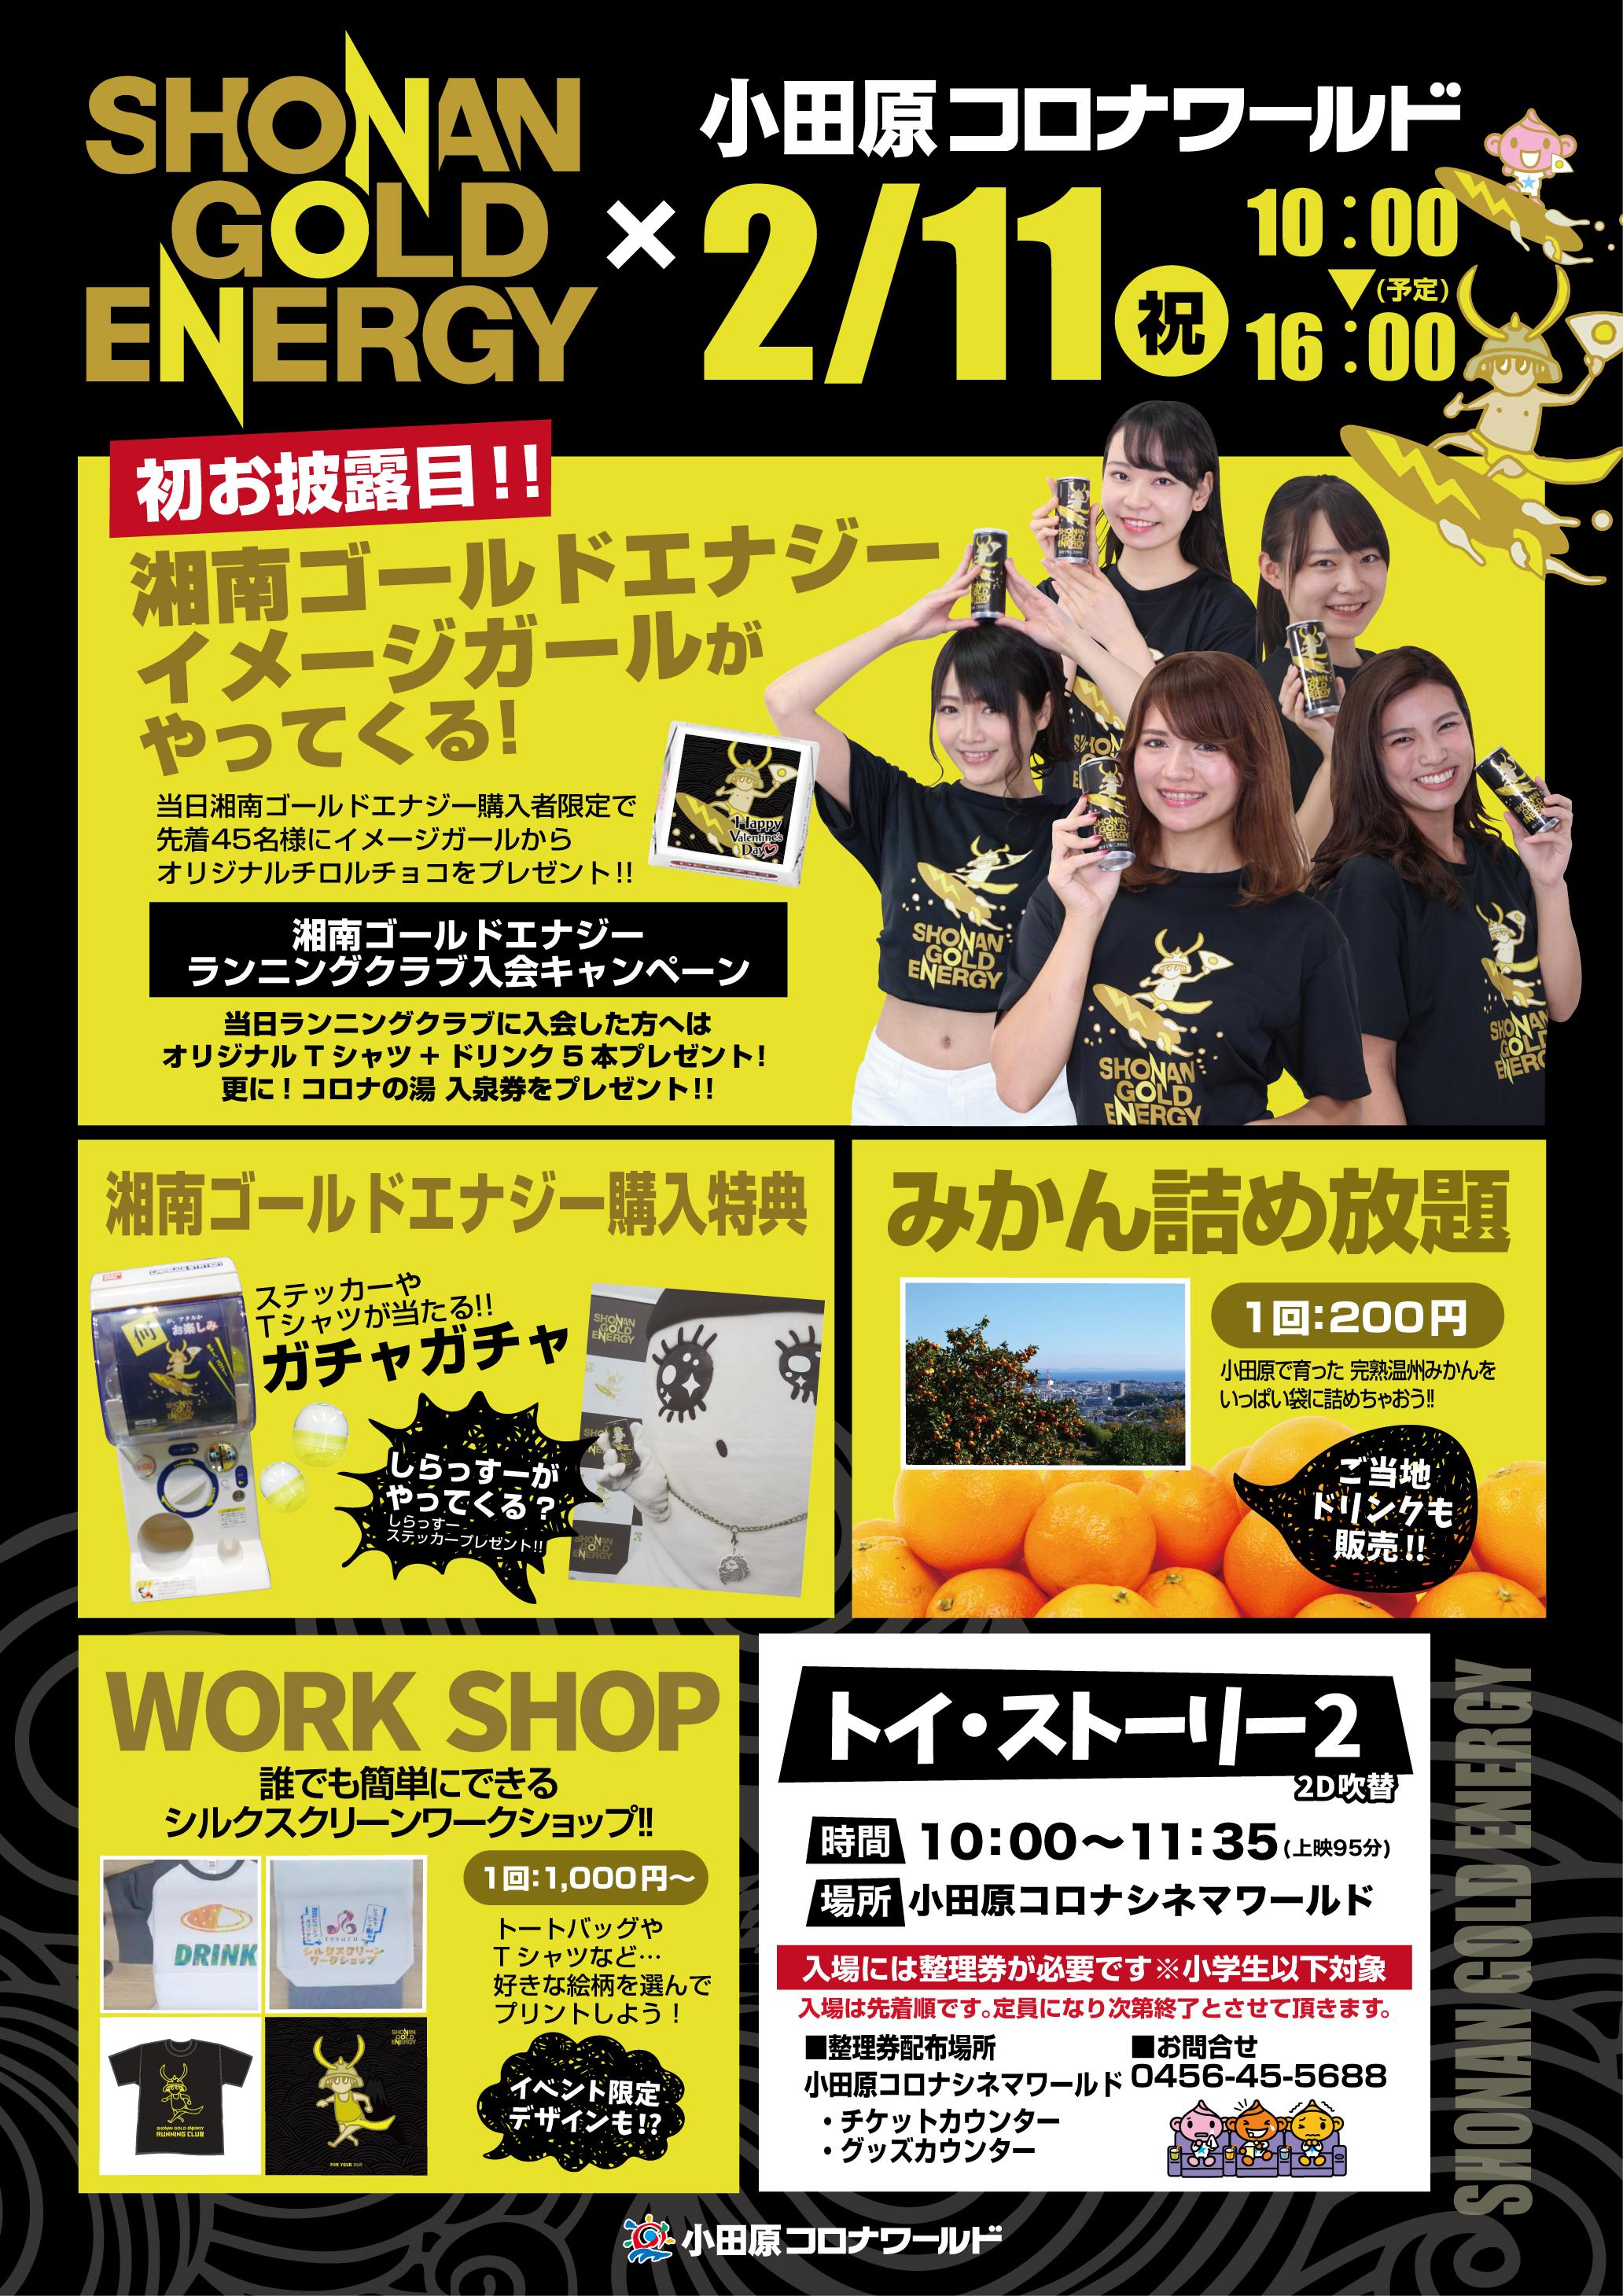 湘南ゴールドエナジー-イベントポスター